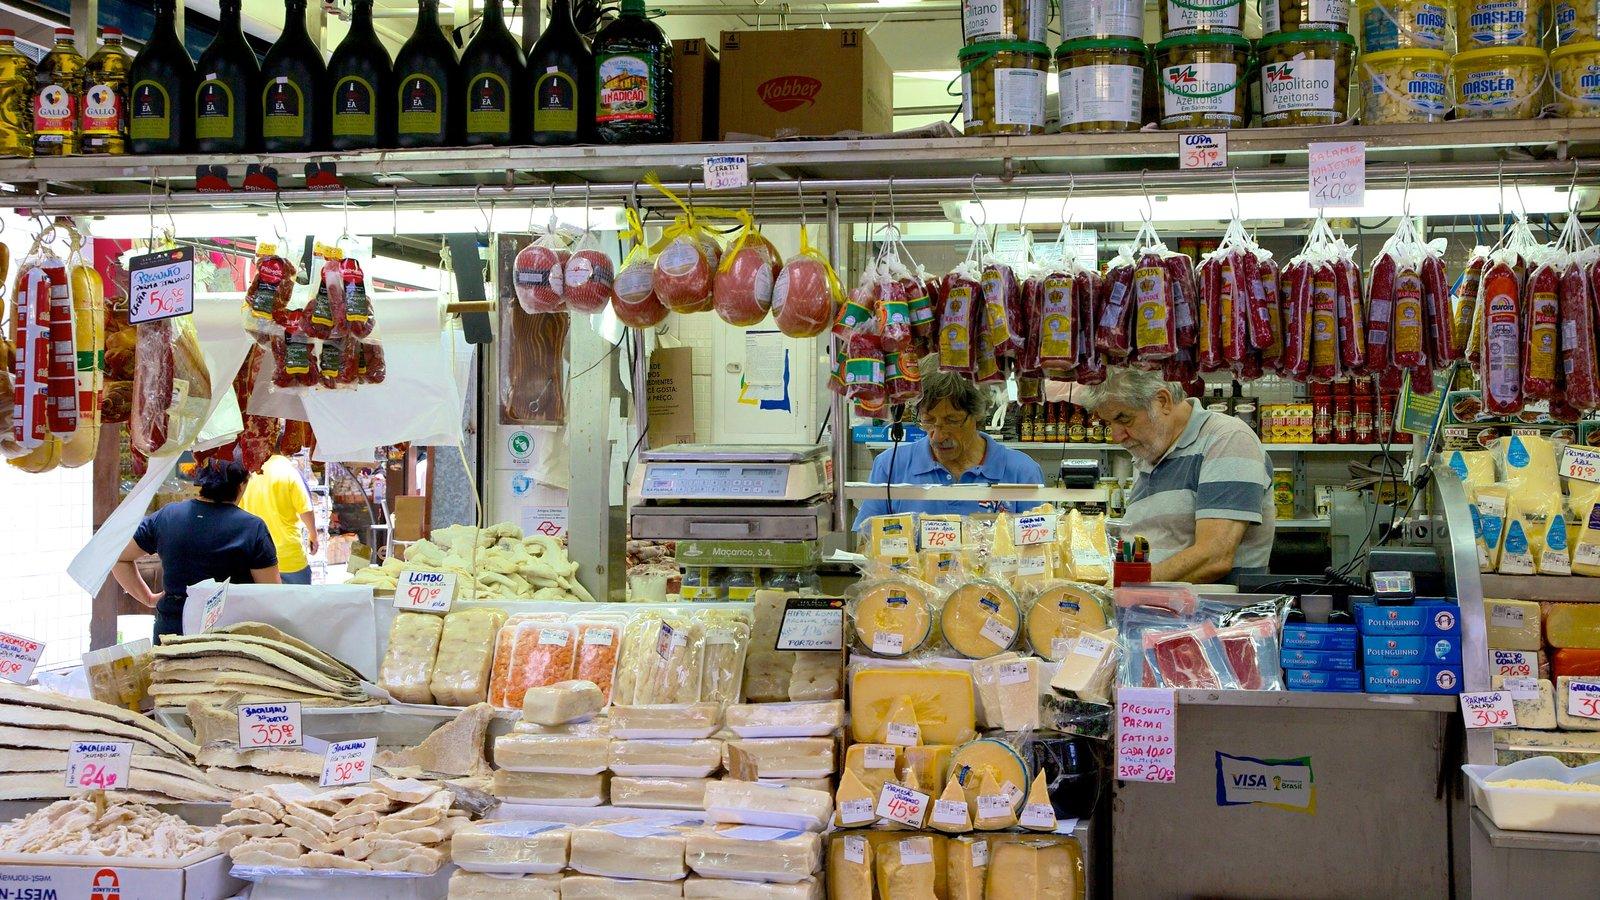 Mercado Municipal que inclui mercados e comida